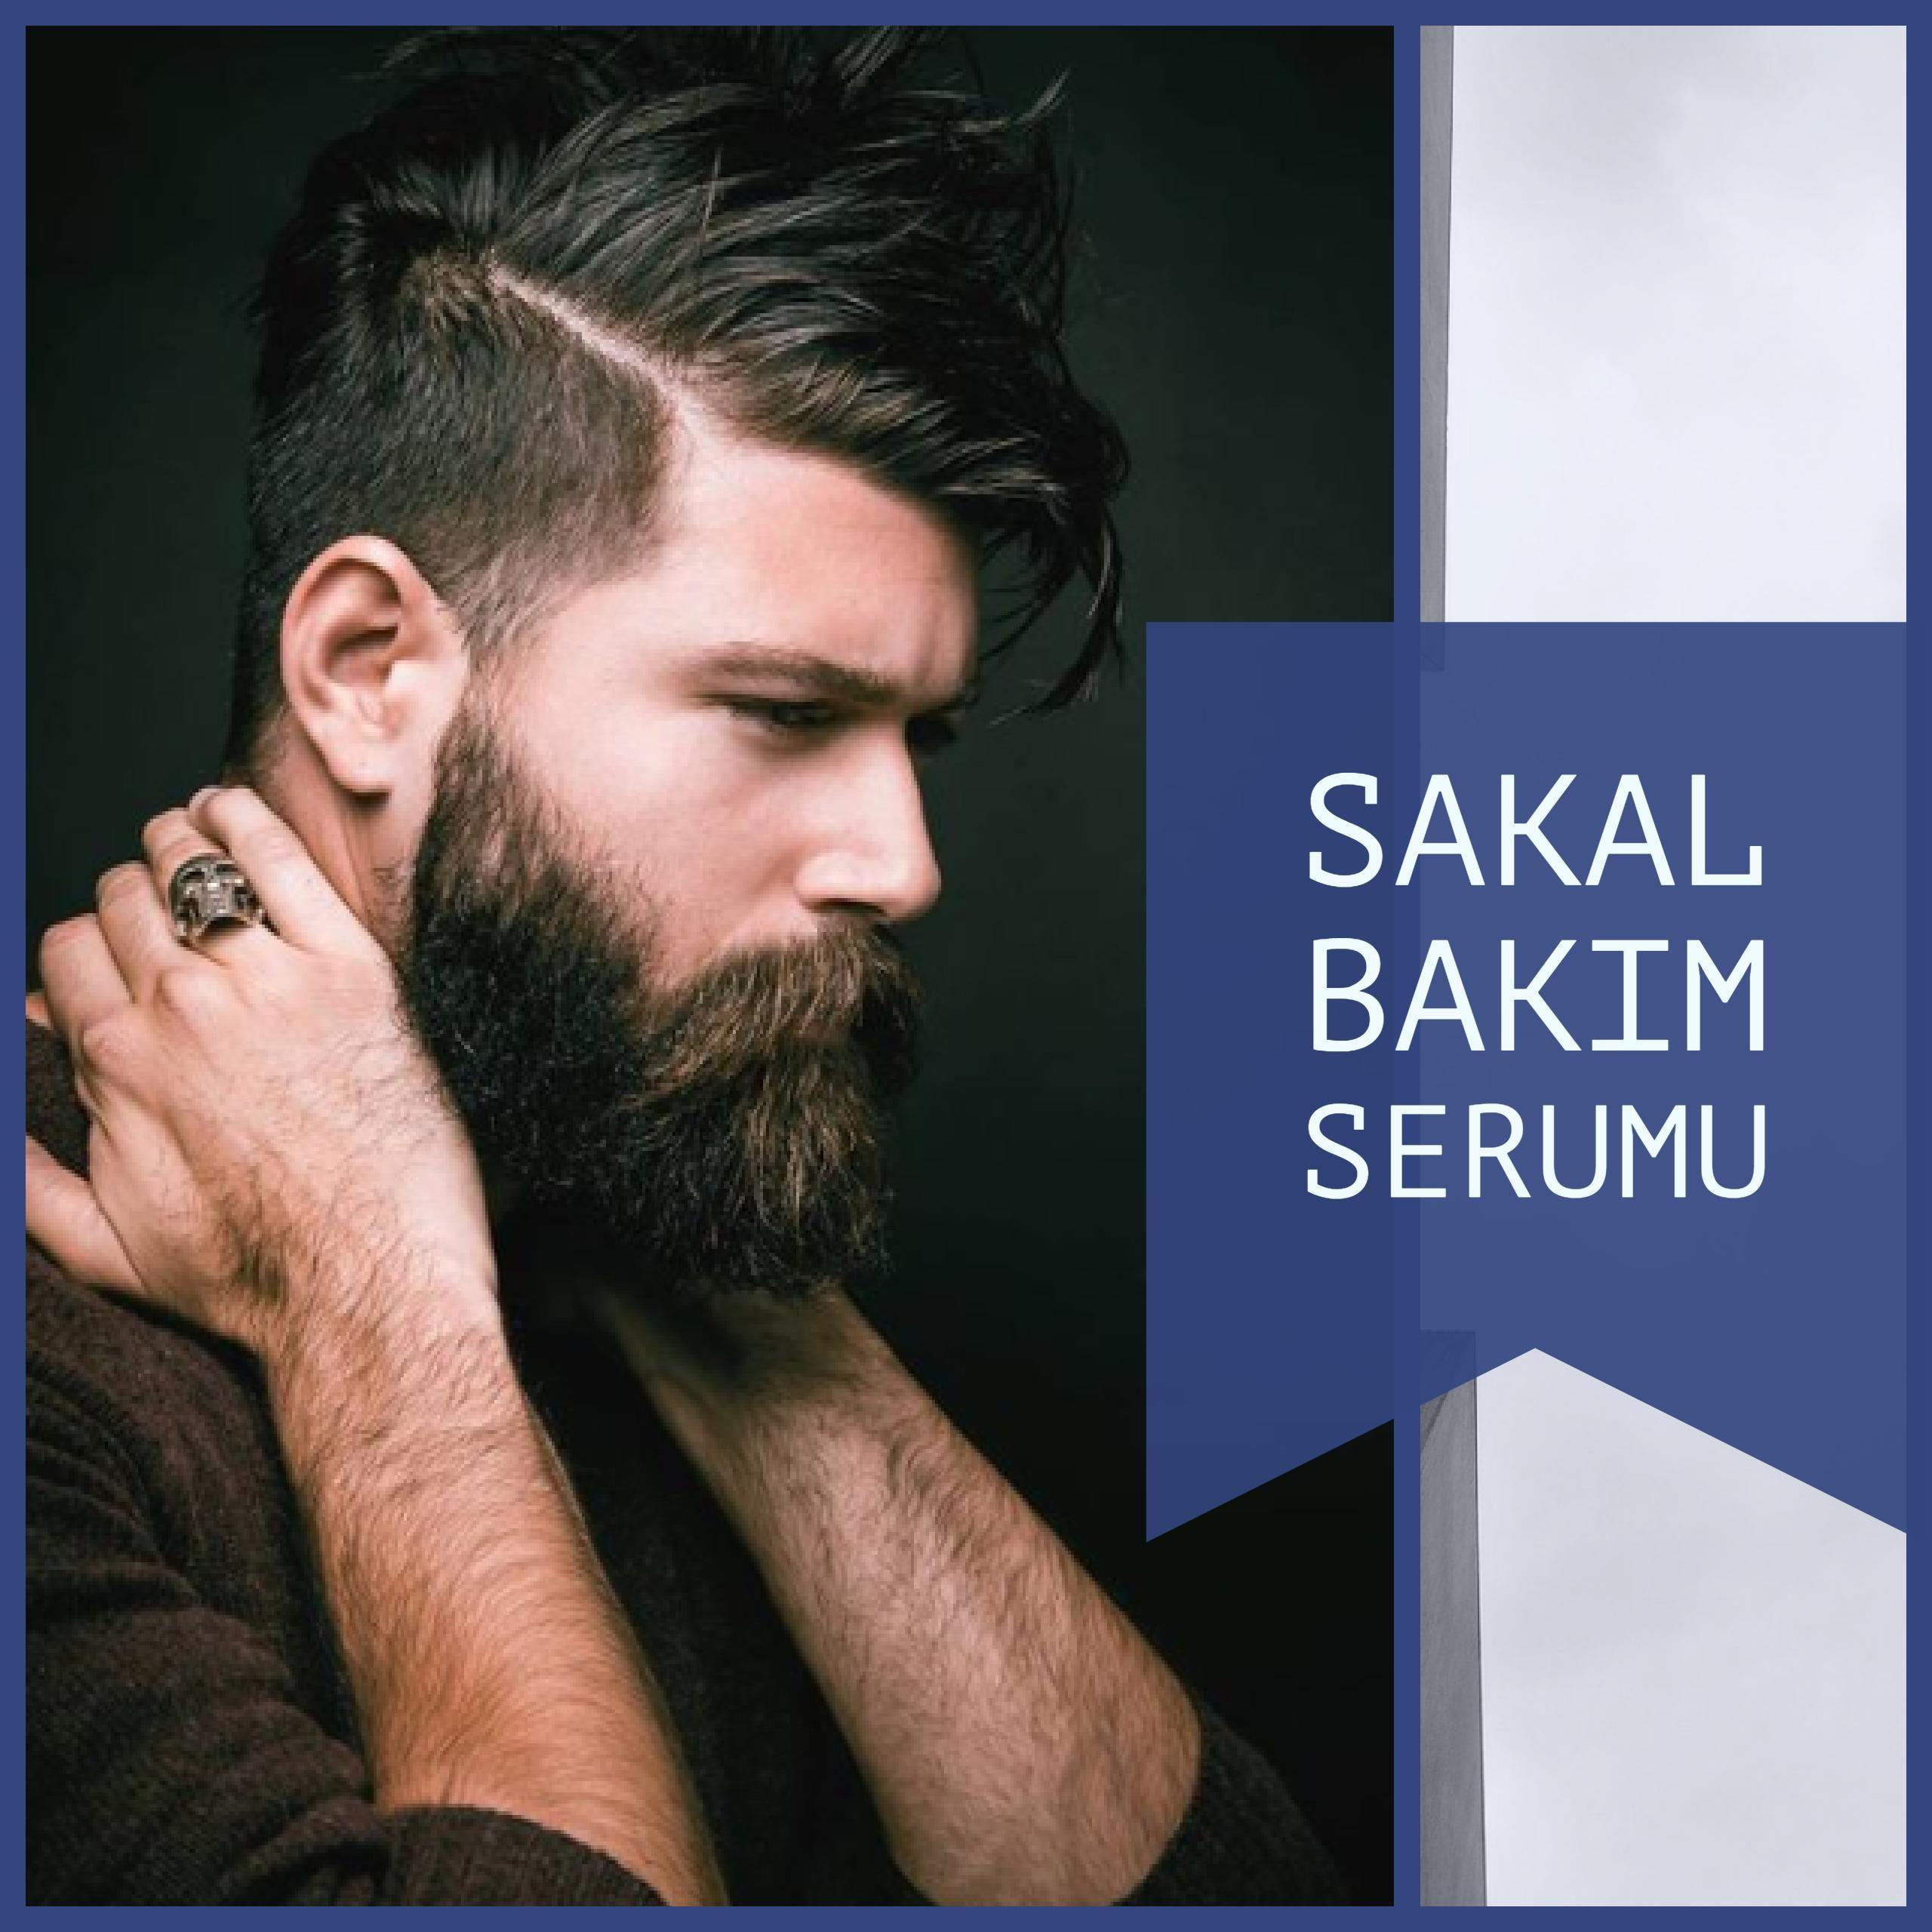 Sakal Serumu Uzun Ve Gur Sakallar Icin Sakal Erkek Sac